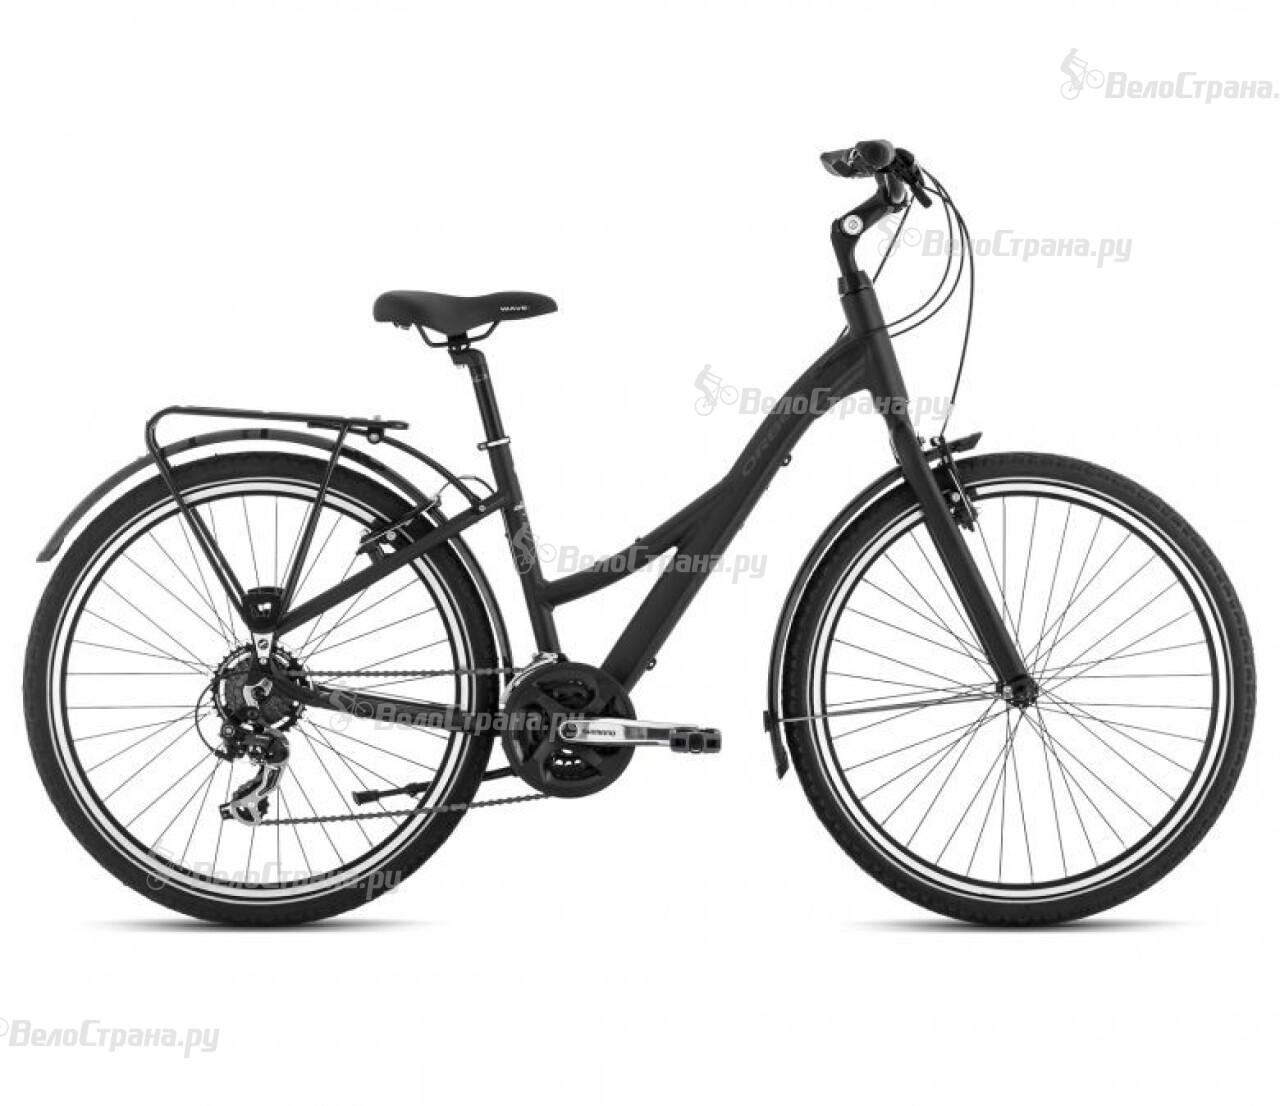 Велосипед Orbea Comfort 26 30 Open Eq (2014) велосипед orbea comfort 26 30 open eq 2014